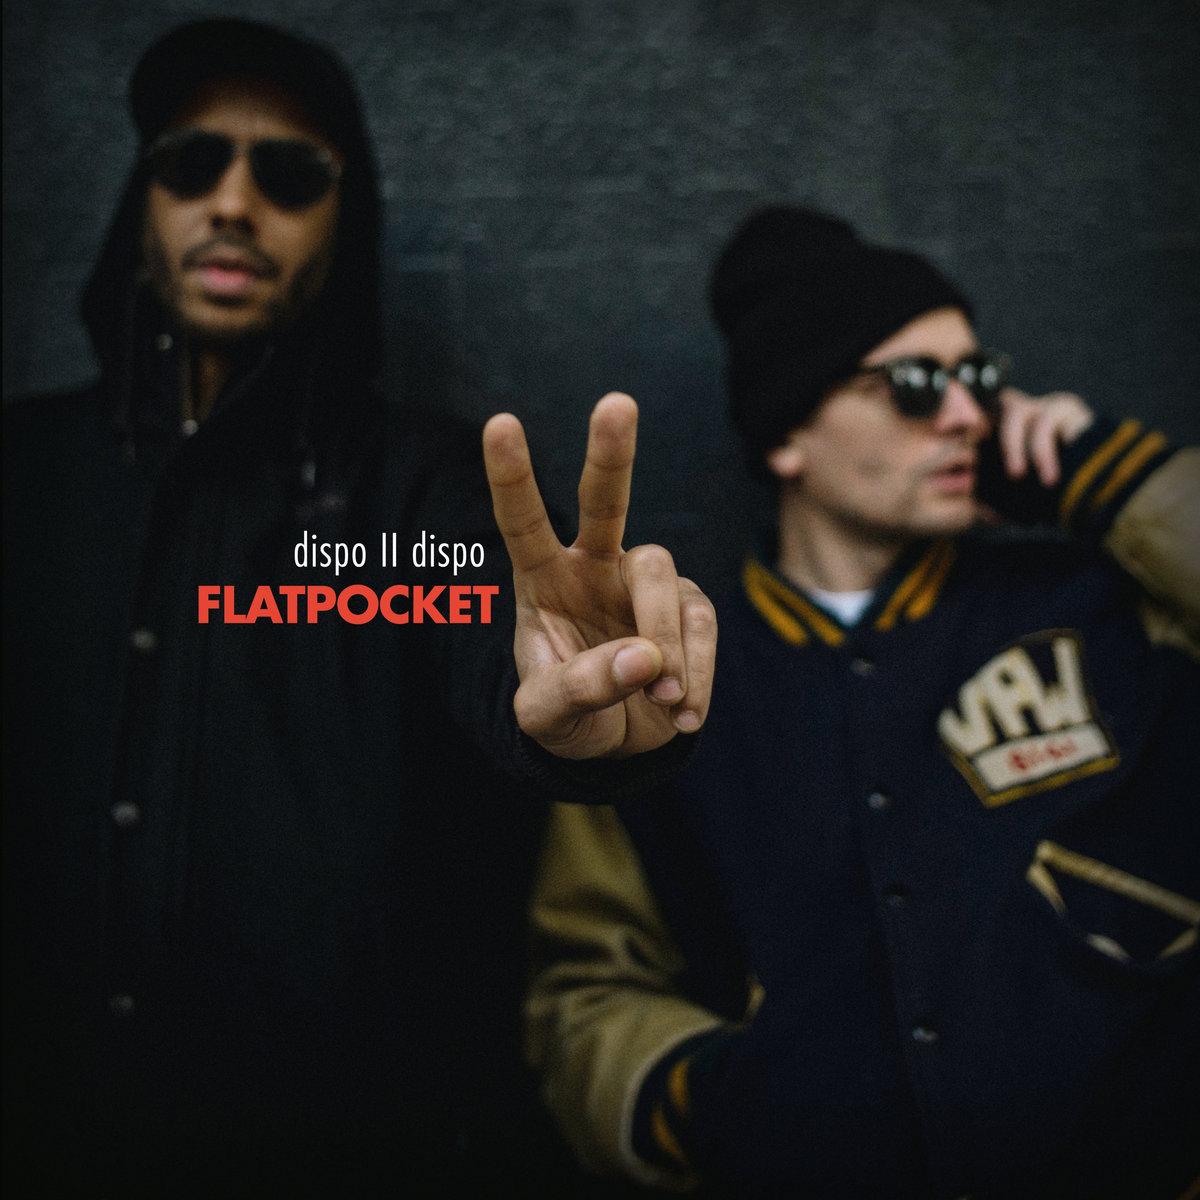 Listen: Flatpocket (Twit One & Lazy Jones) – Dispo II Dispo LP